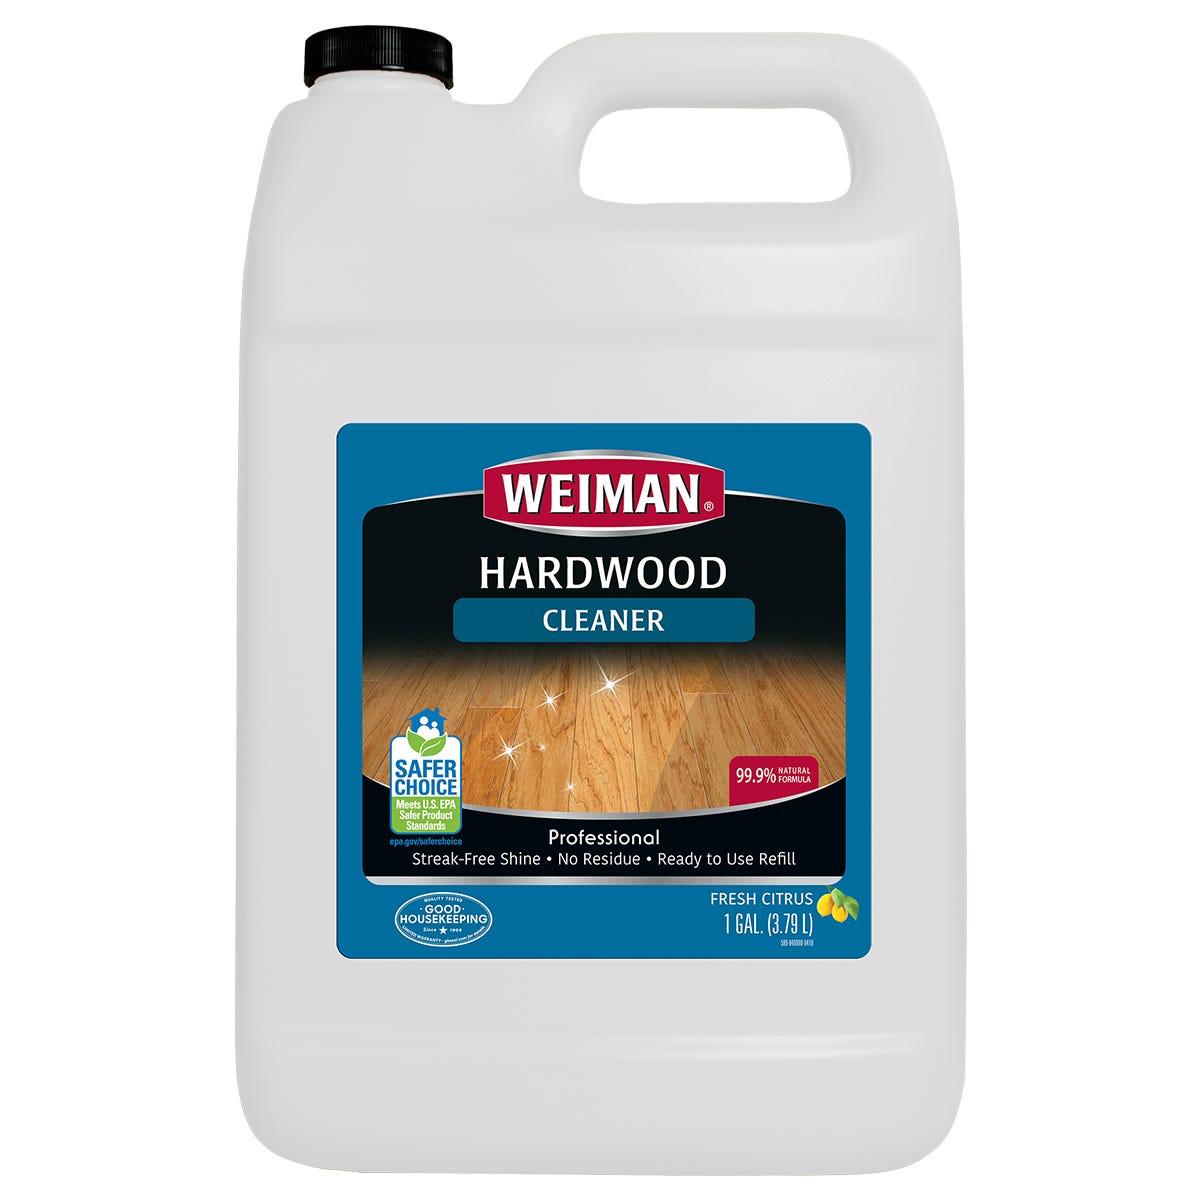 Hardwood Floor Cleaner Refill Size Weiman